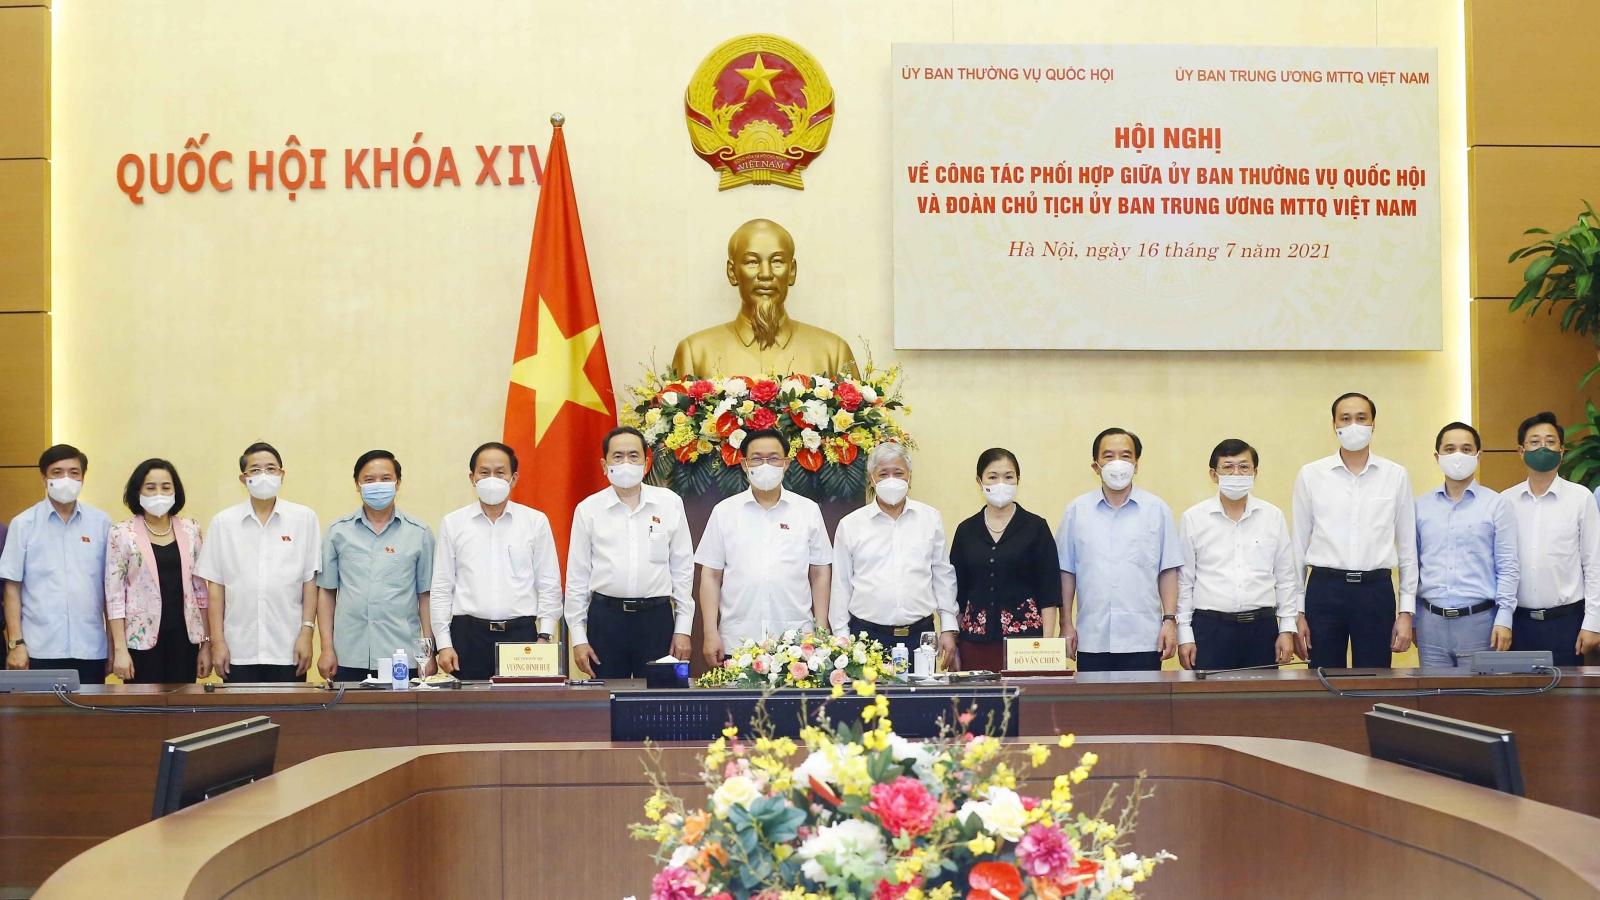 Quốc hội, MTTQ Việt Nam cần sớm nghiên cứu để tiếp tục hoàn thiện pháp luật về bầu cử